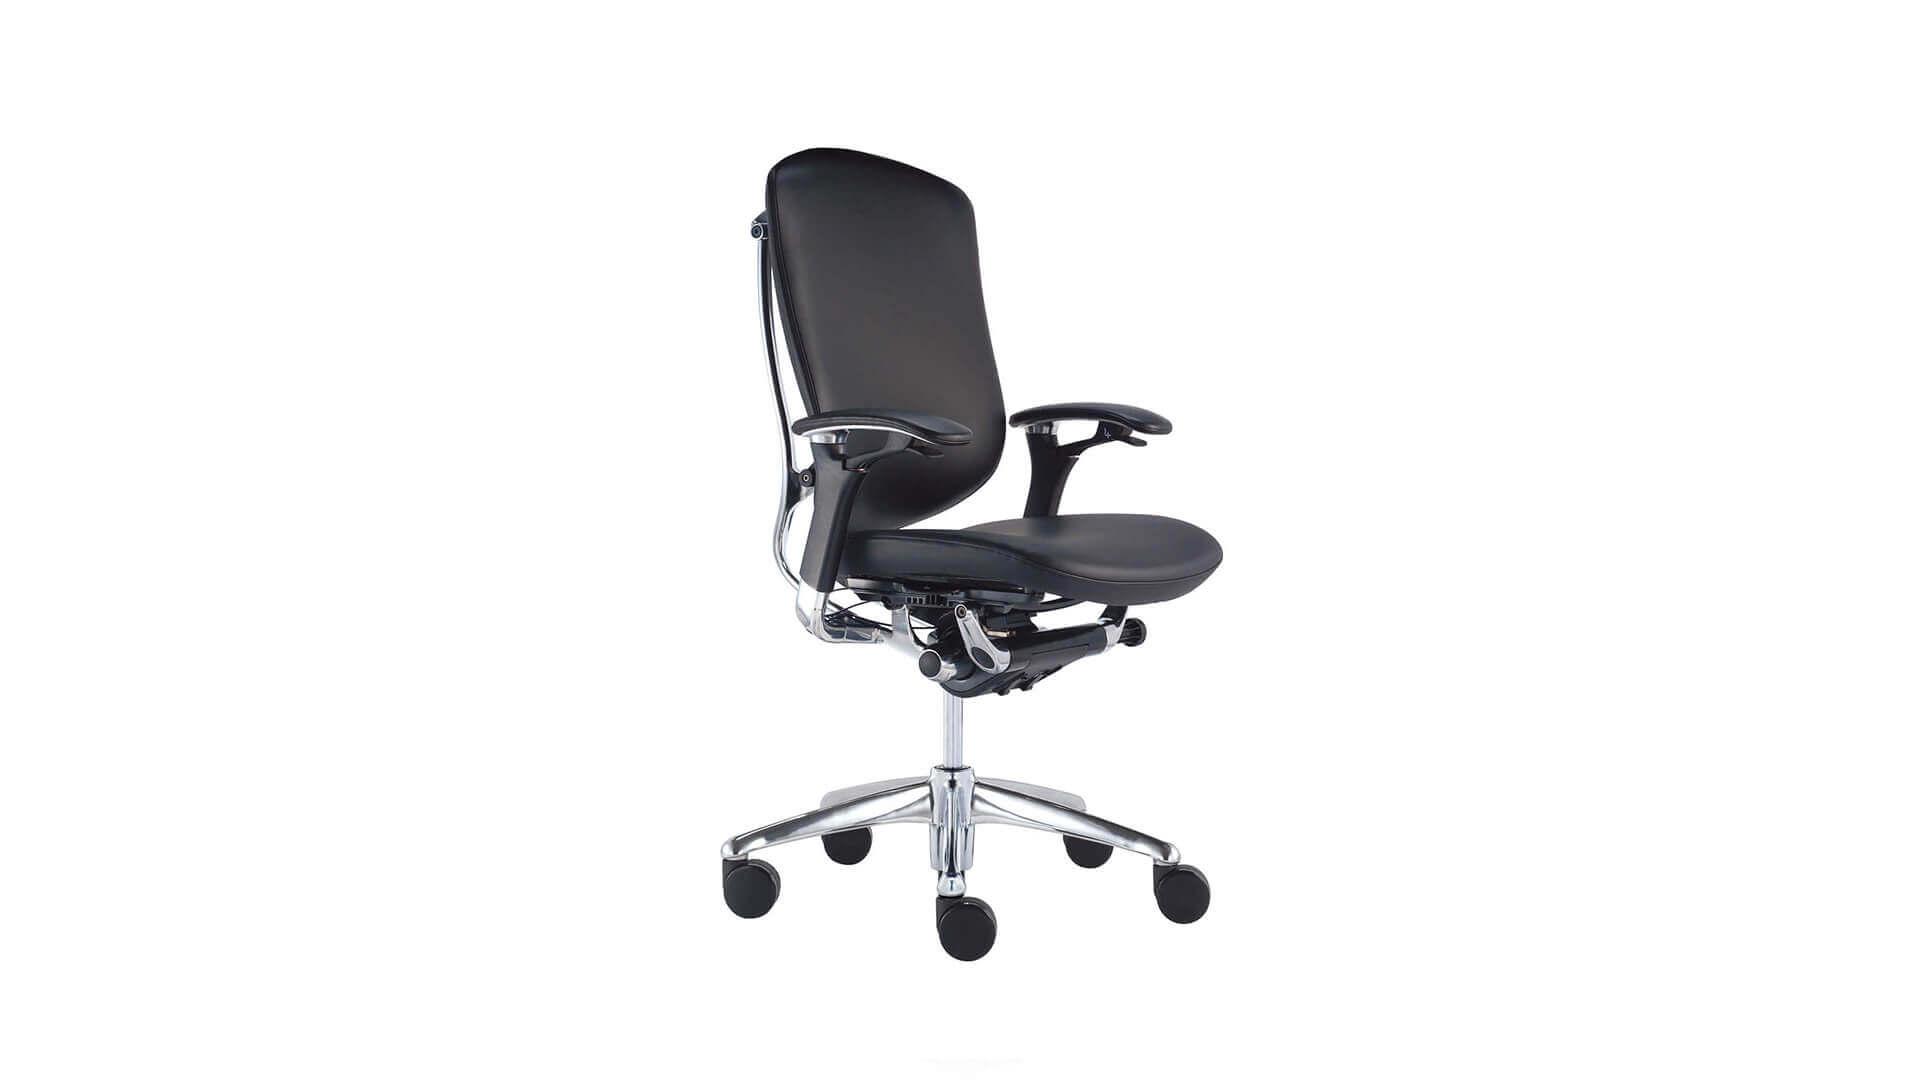 Silla para oficina operativa Okamura Contessa diseño ergonomico